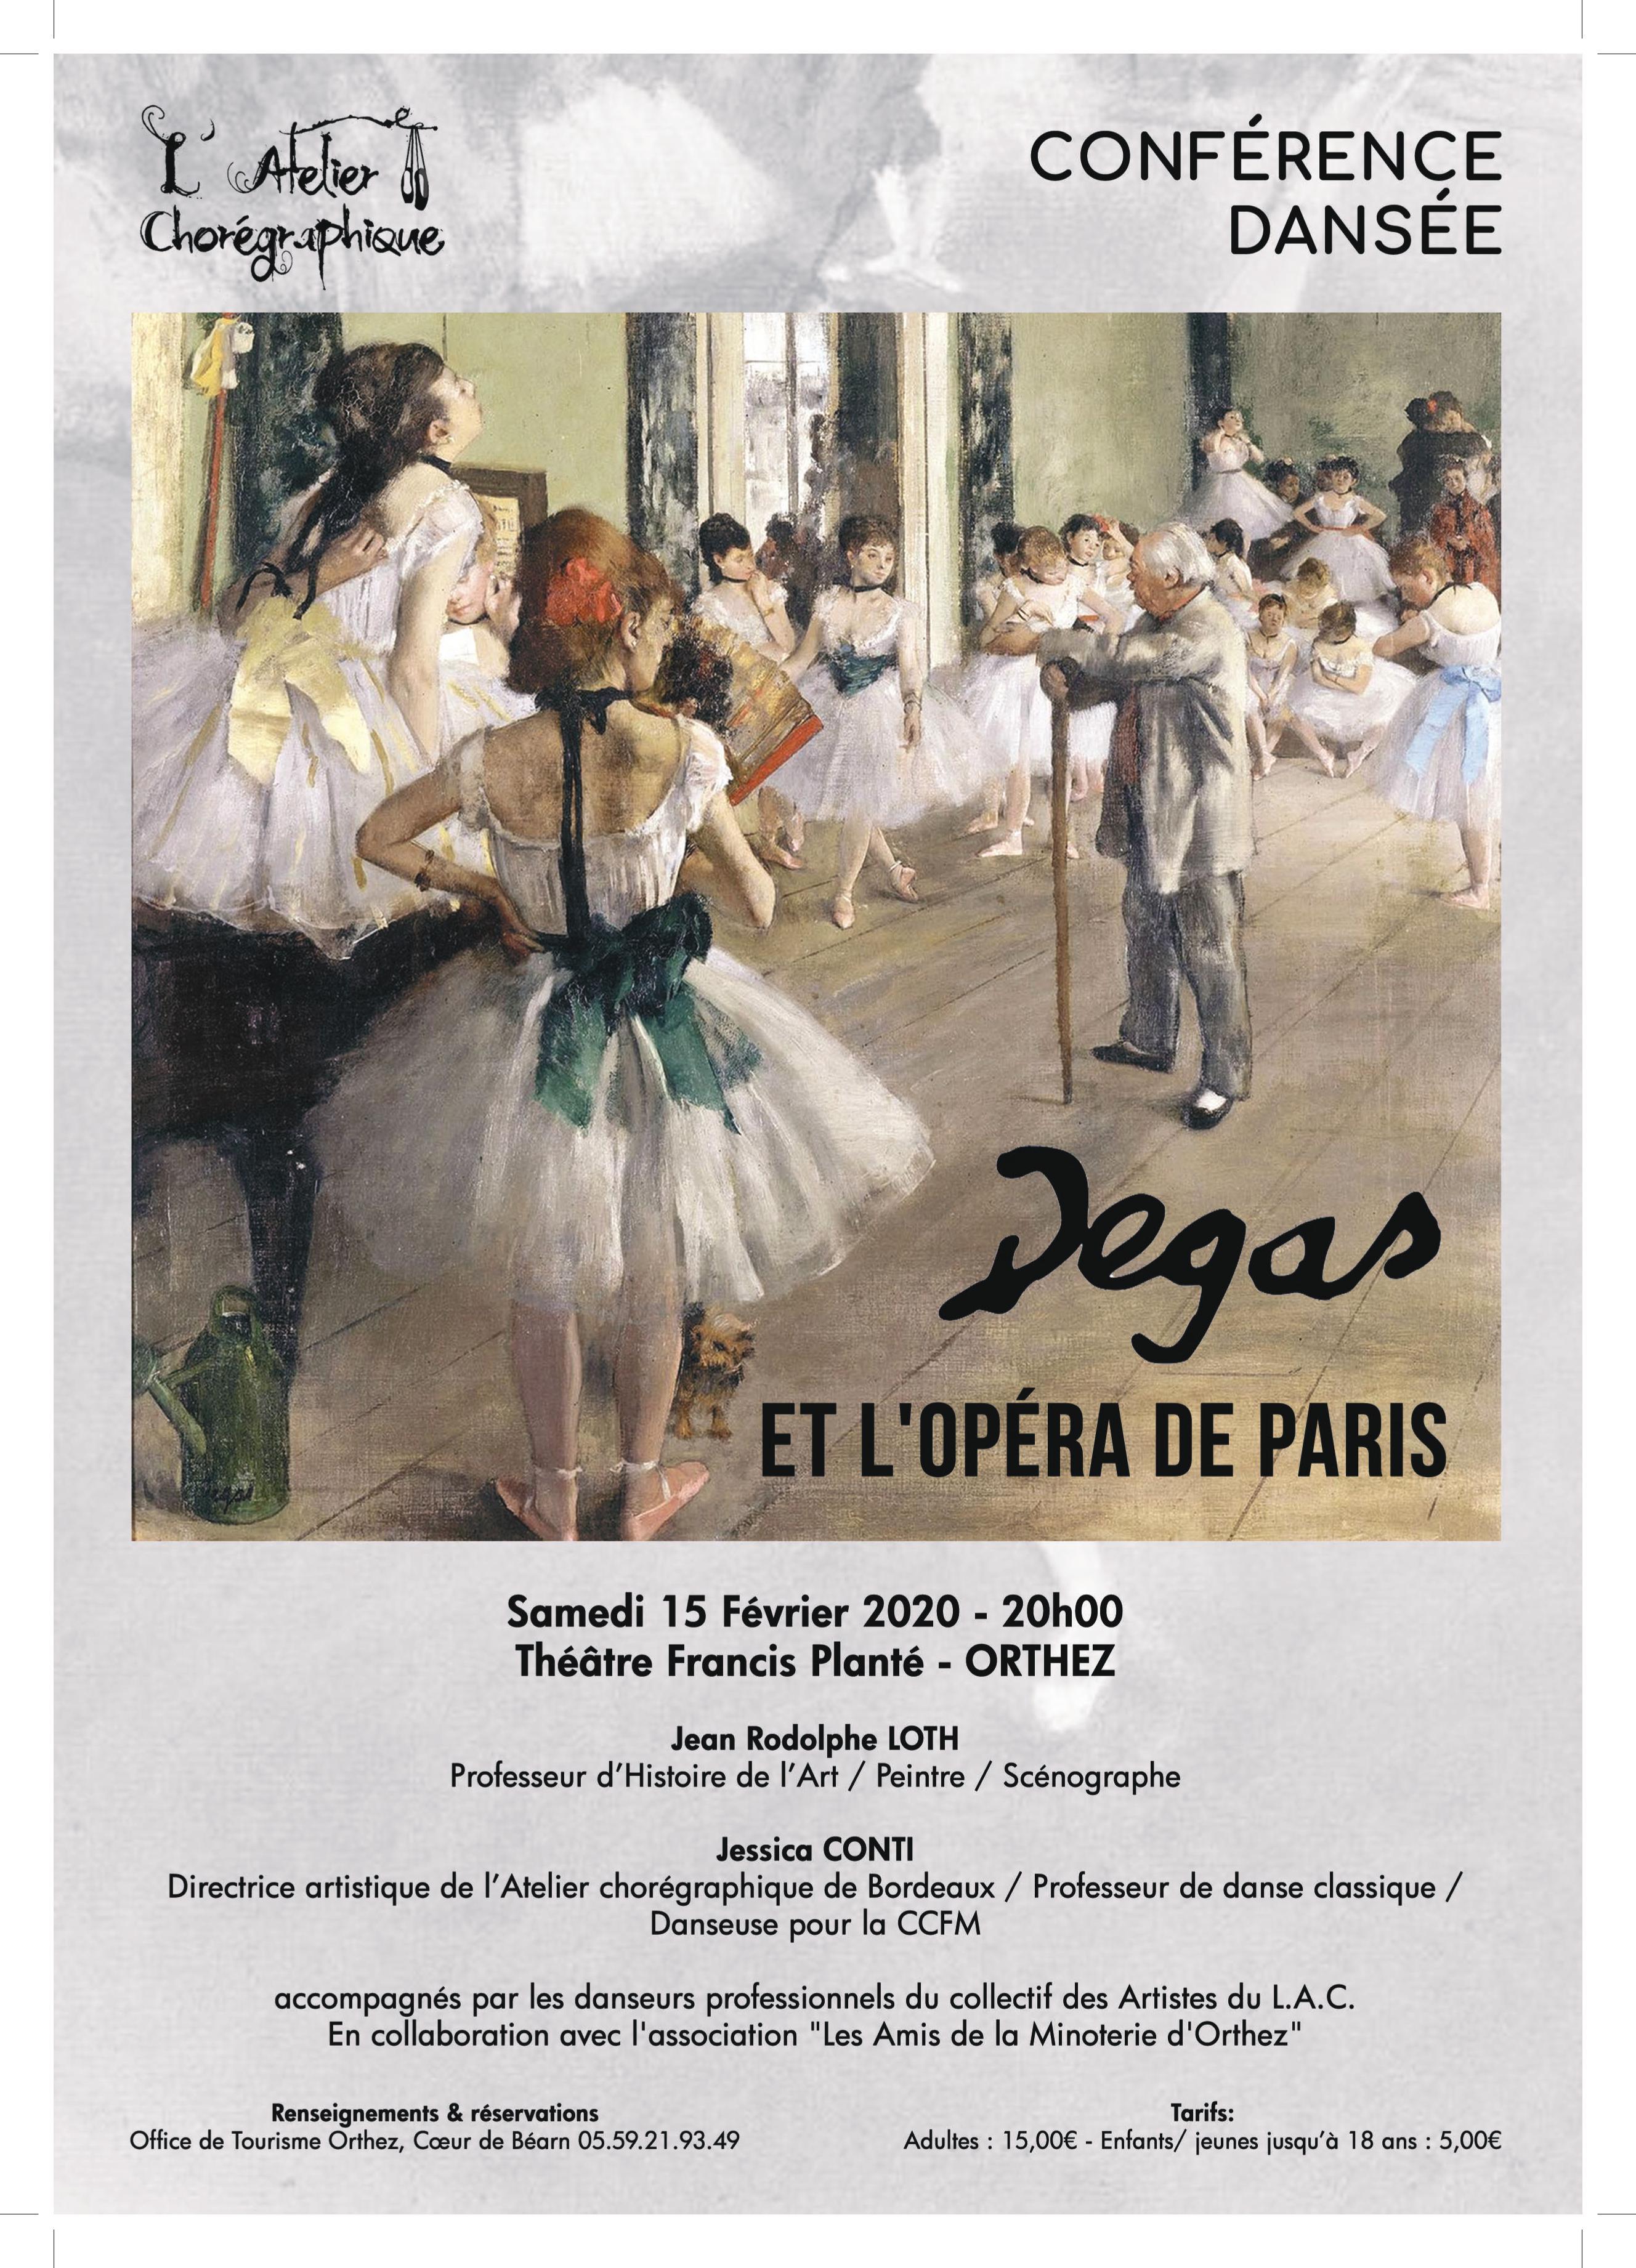 DEGAS ET L'OPÉRA DE PARIS / Conférence dansée